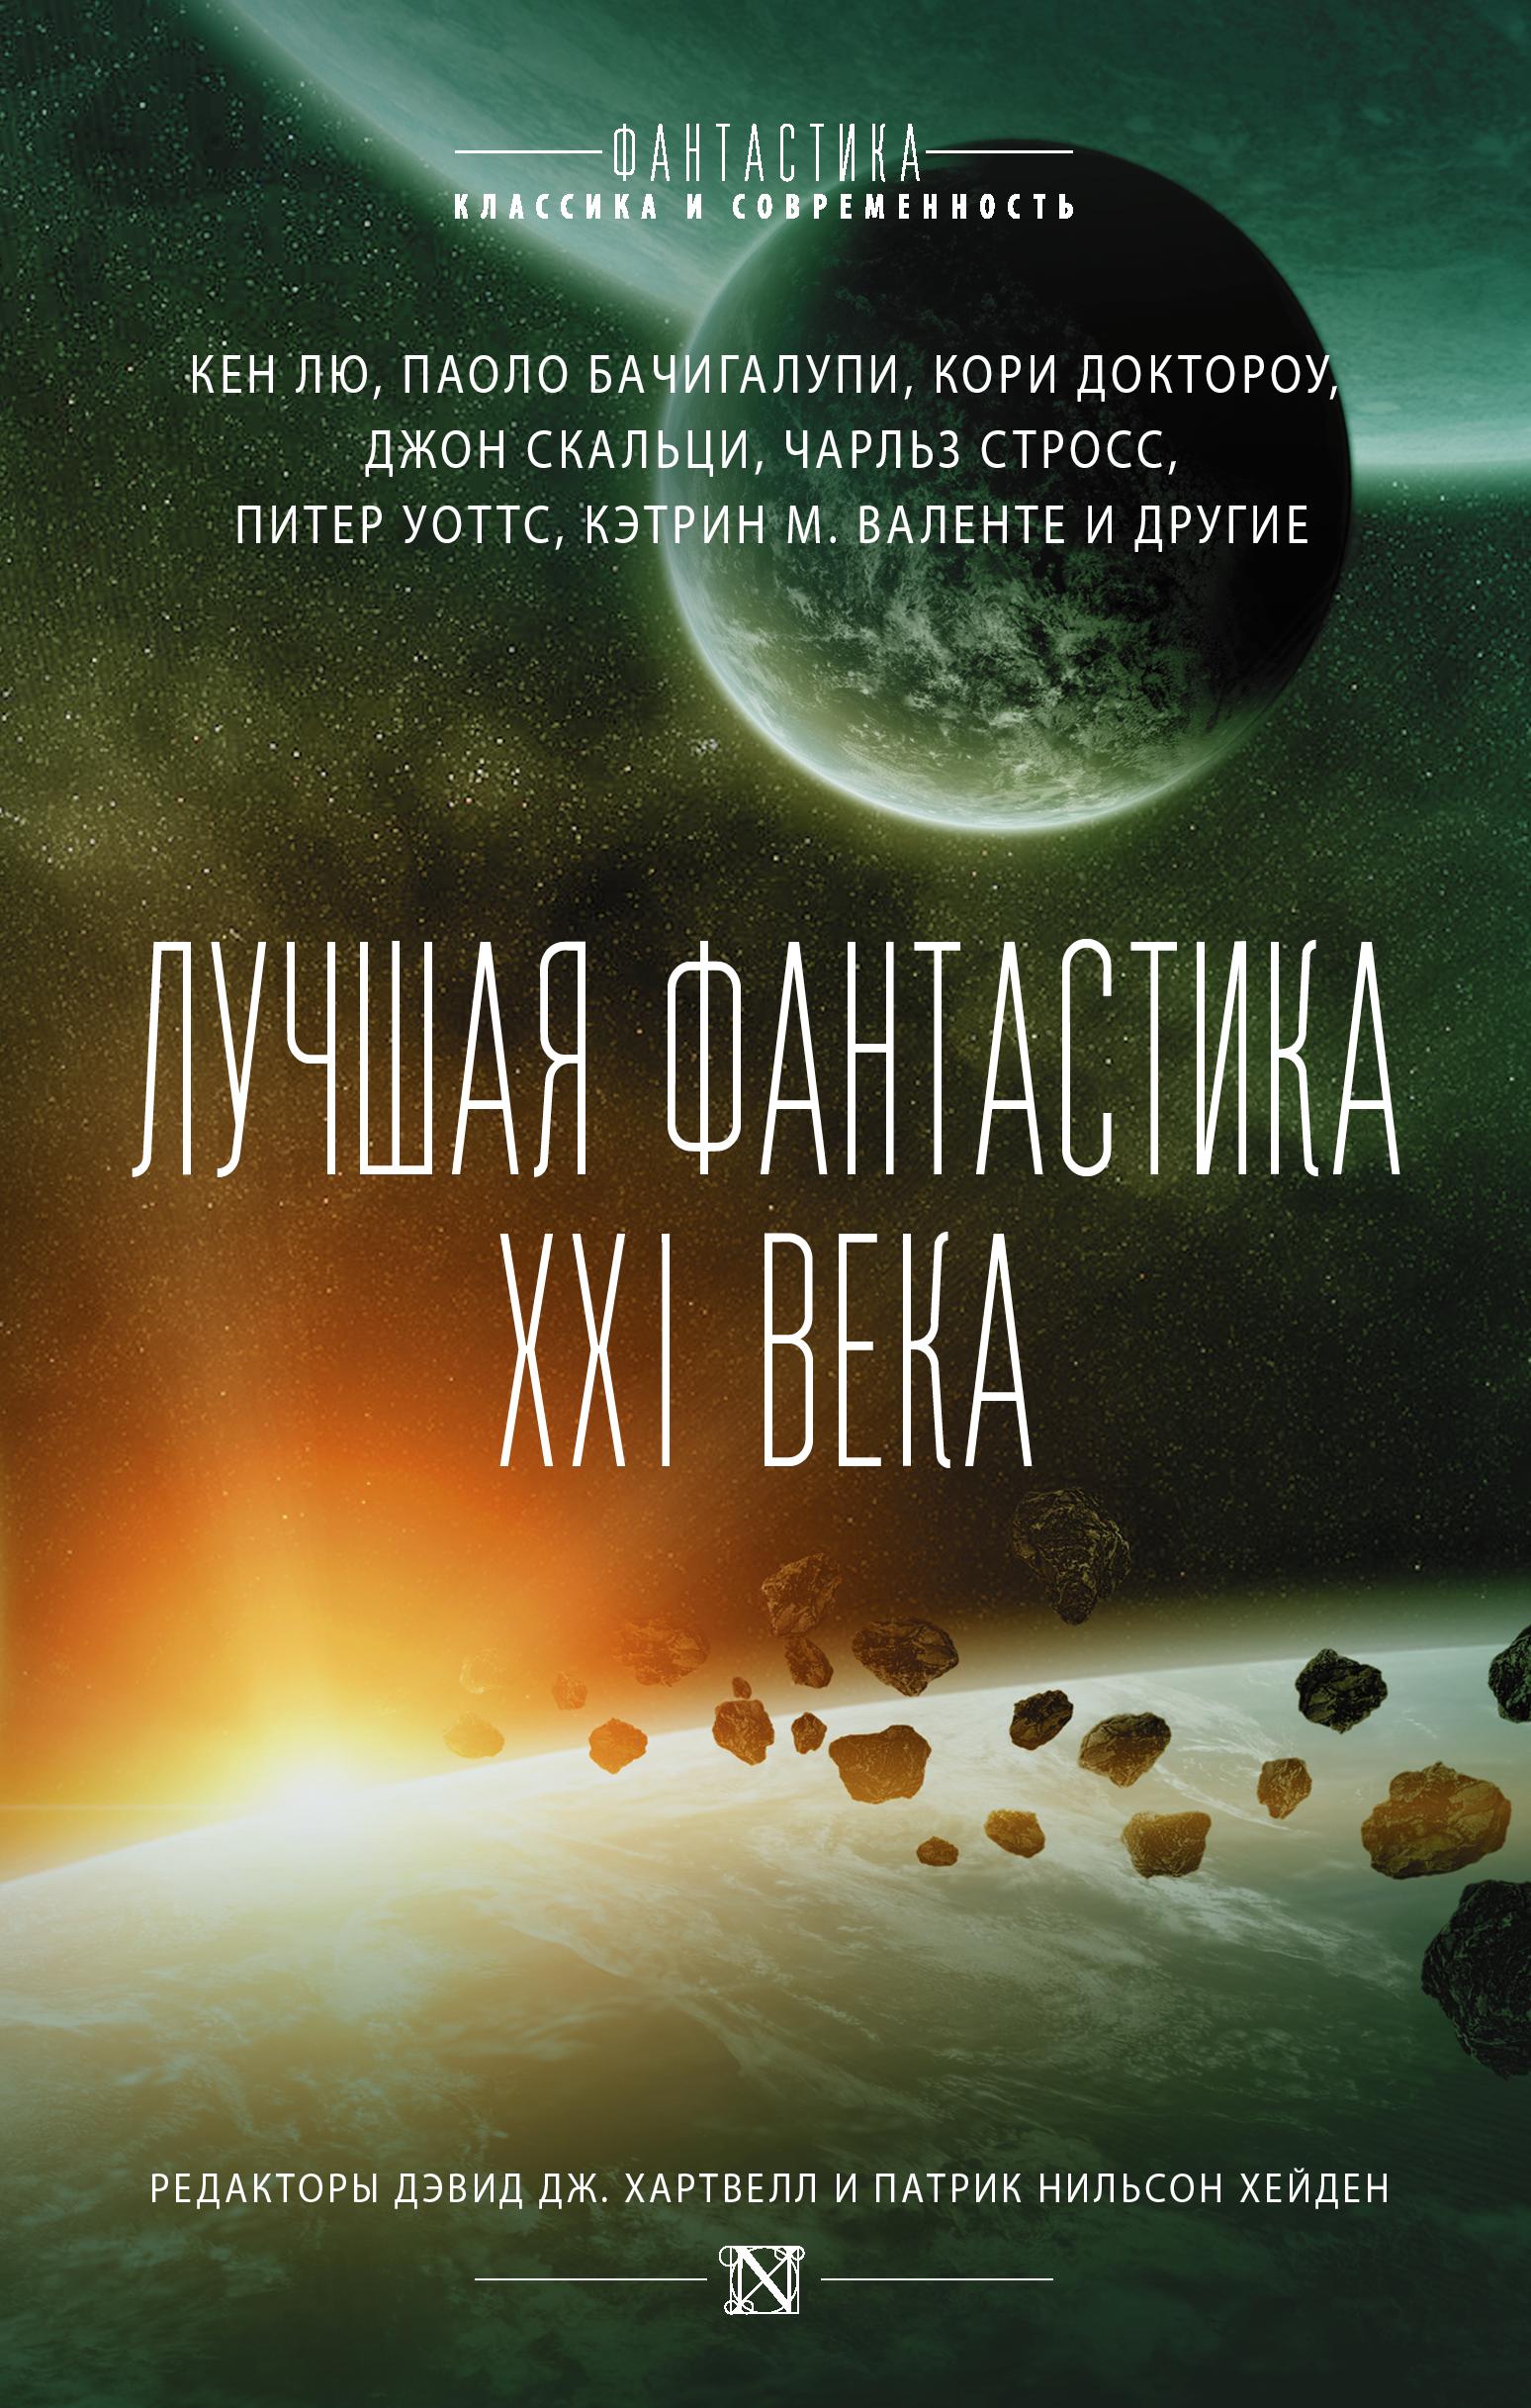 Лучшая фантастика XXI века от book24.ru